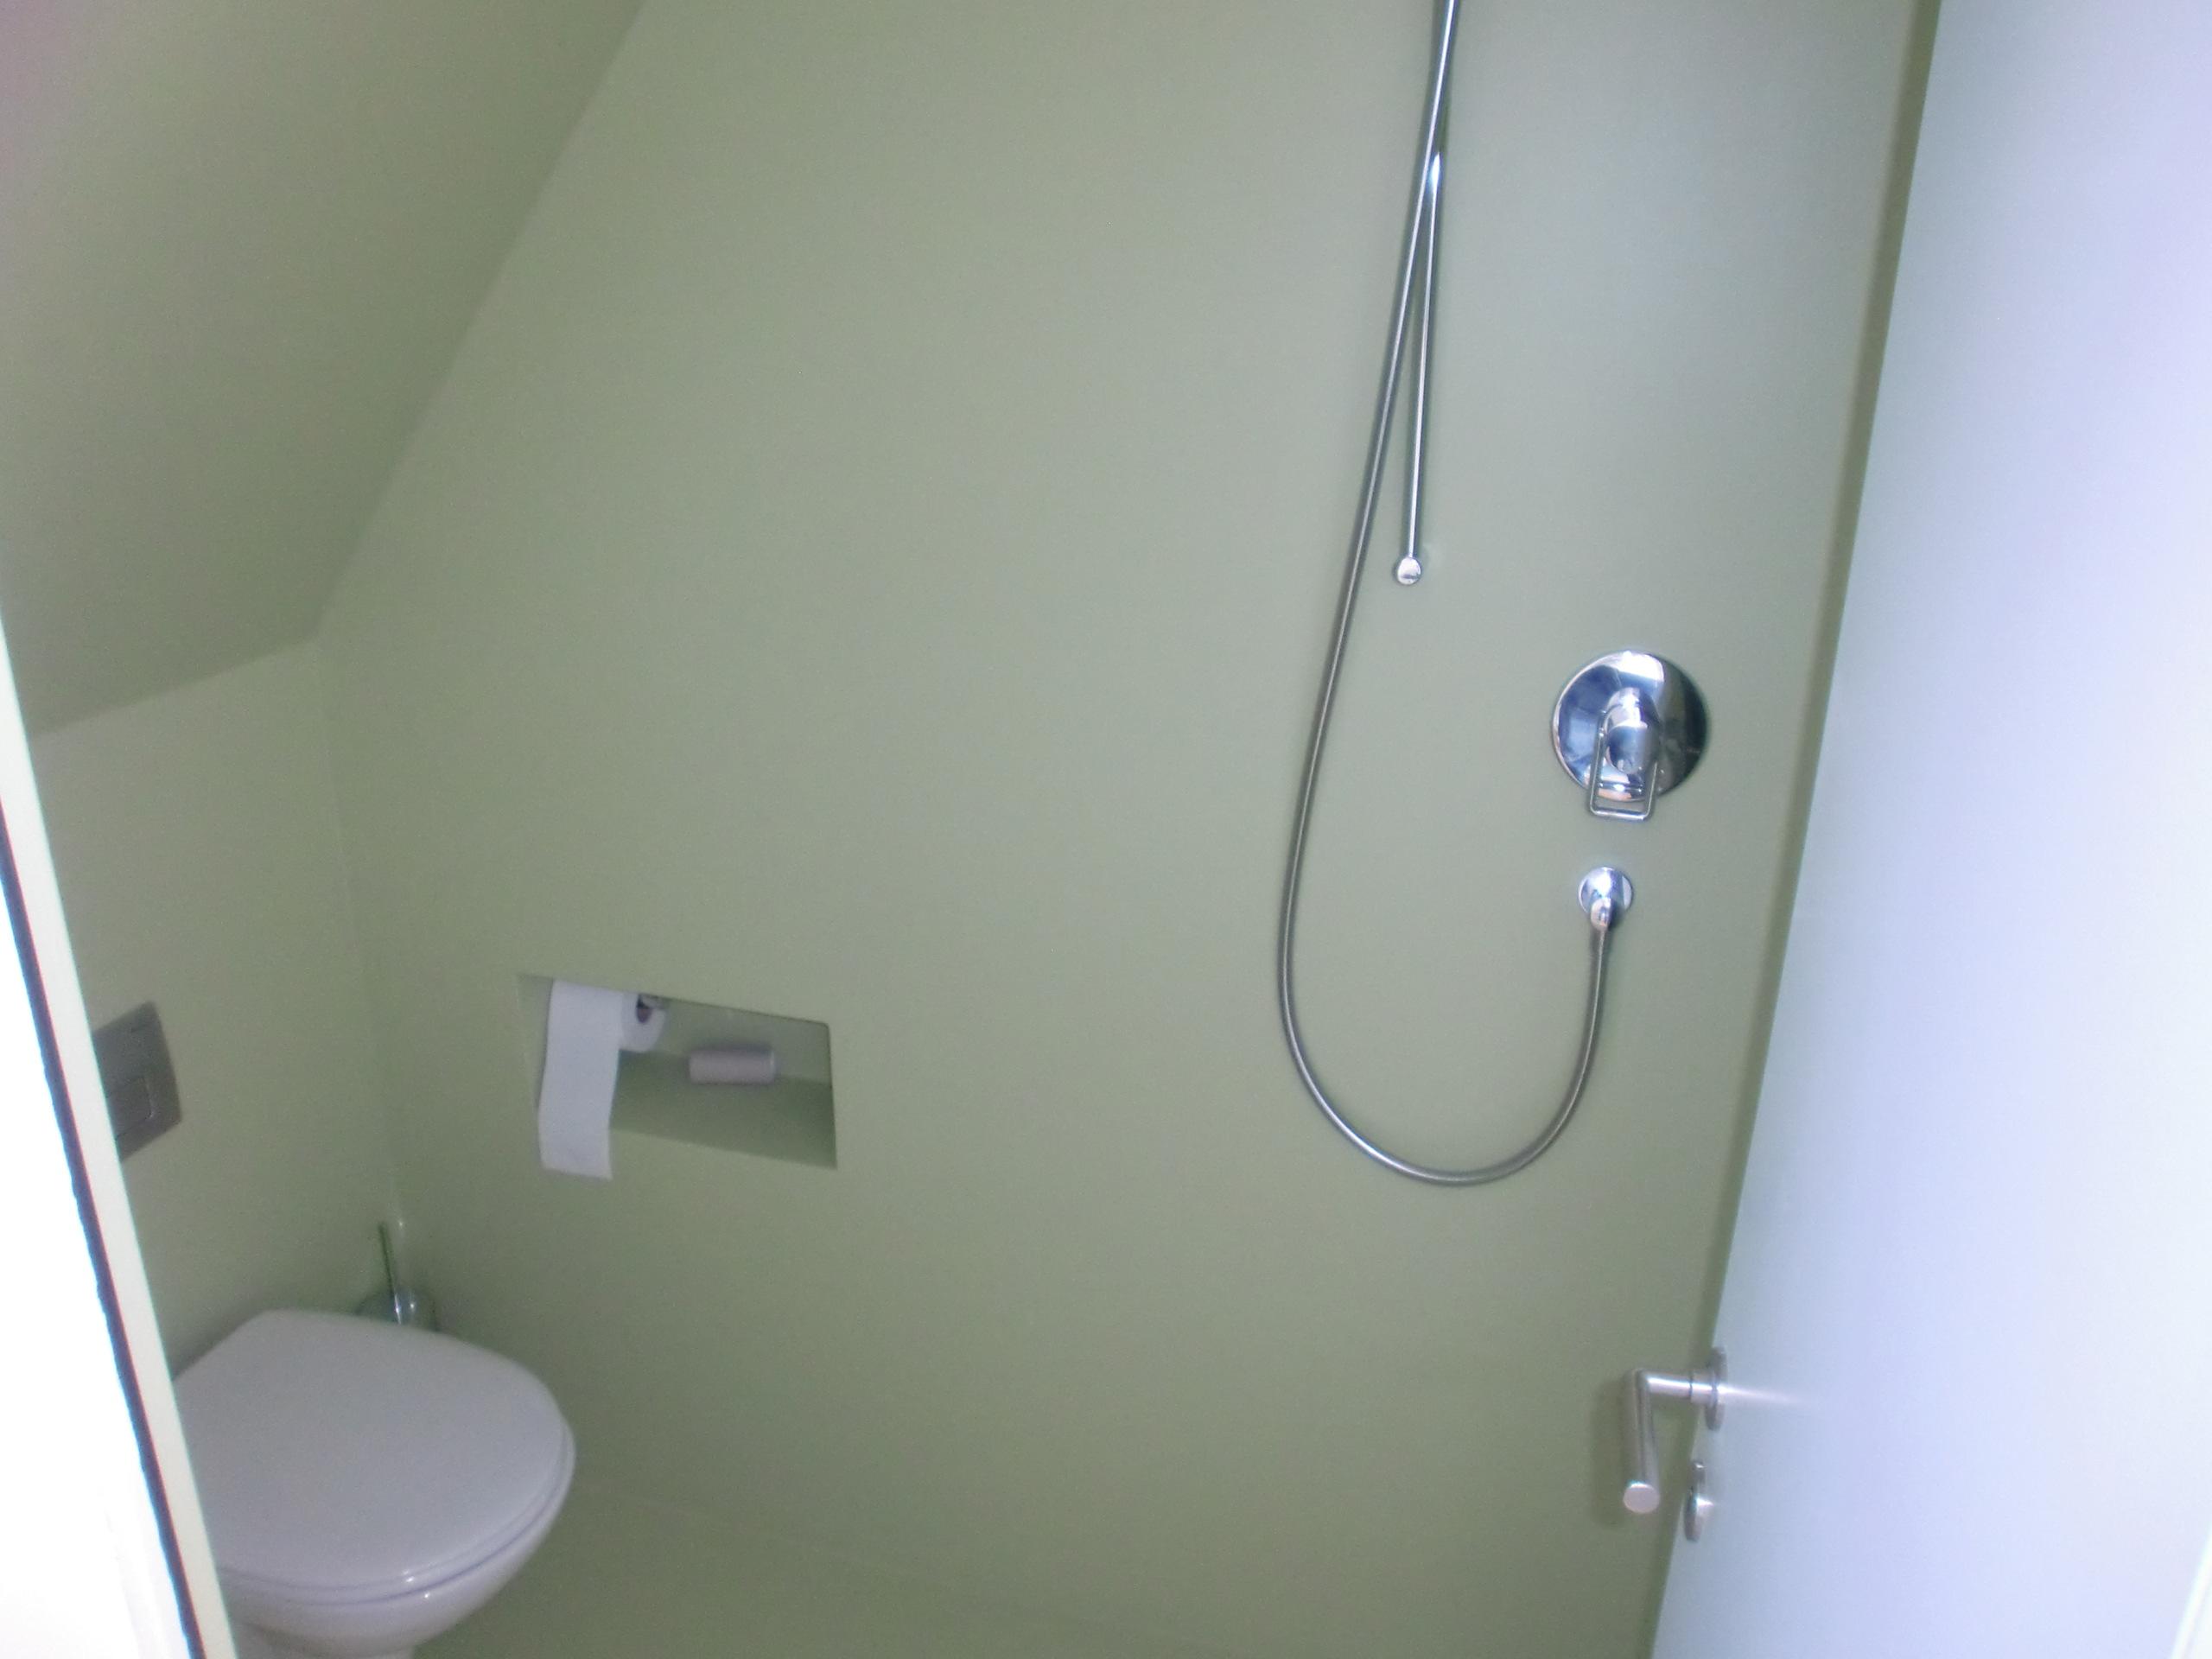 wc dusche nachr sten dusch wc hygienisch wie ein bidet. Black Bedroom Furniture Sets. Home Design Ideas